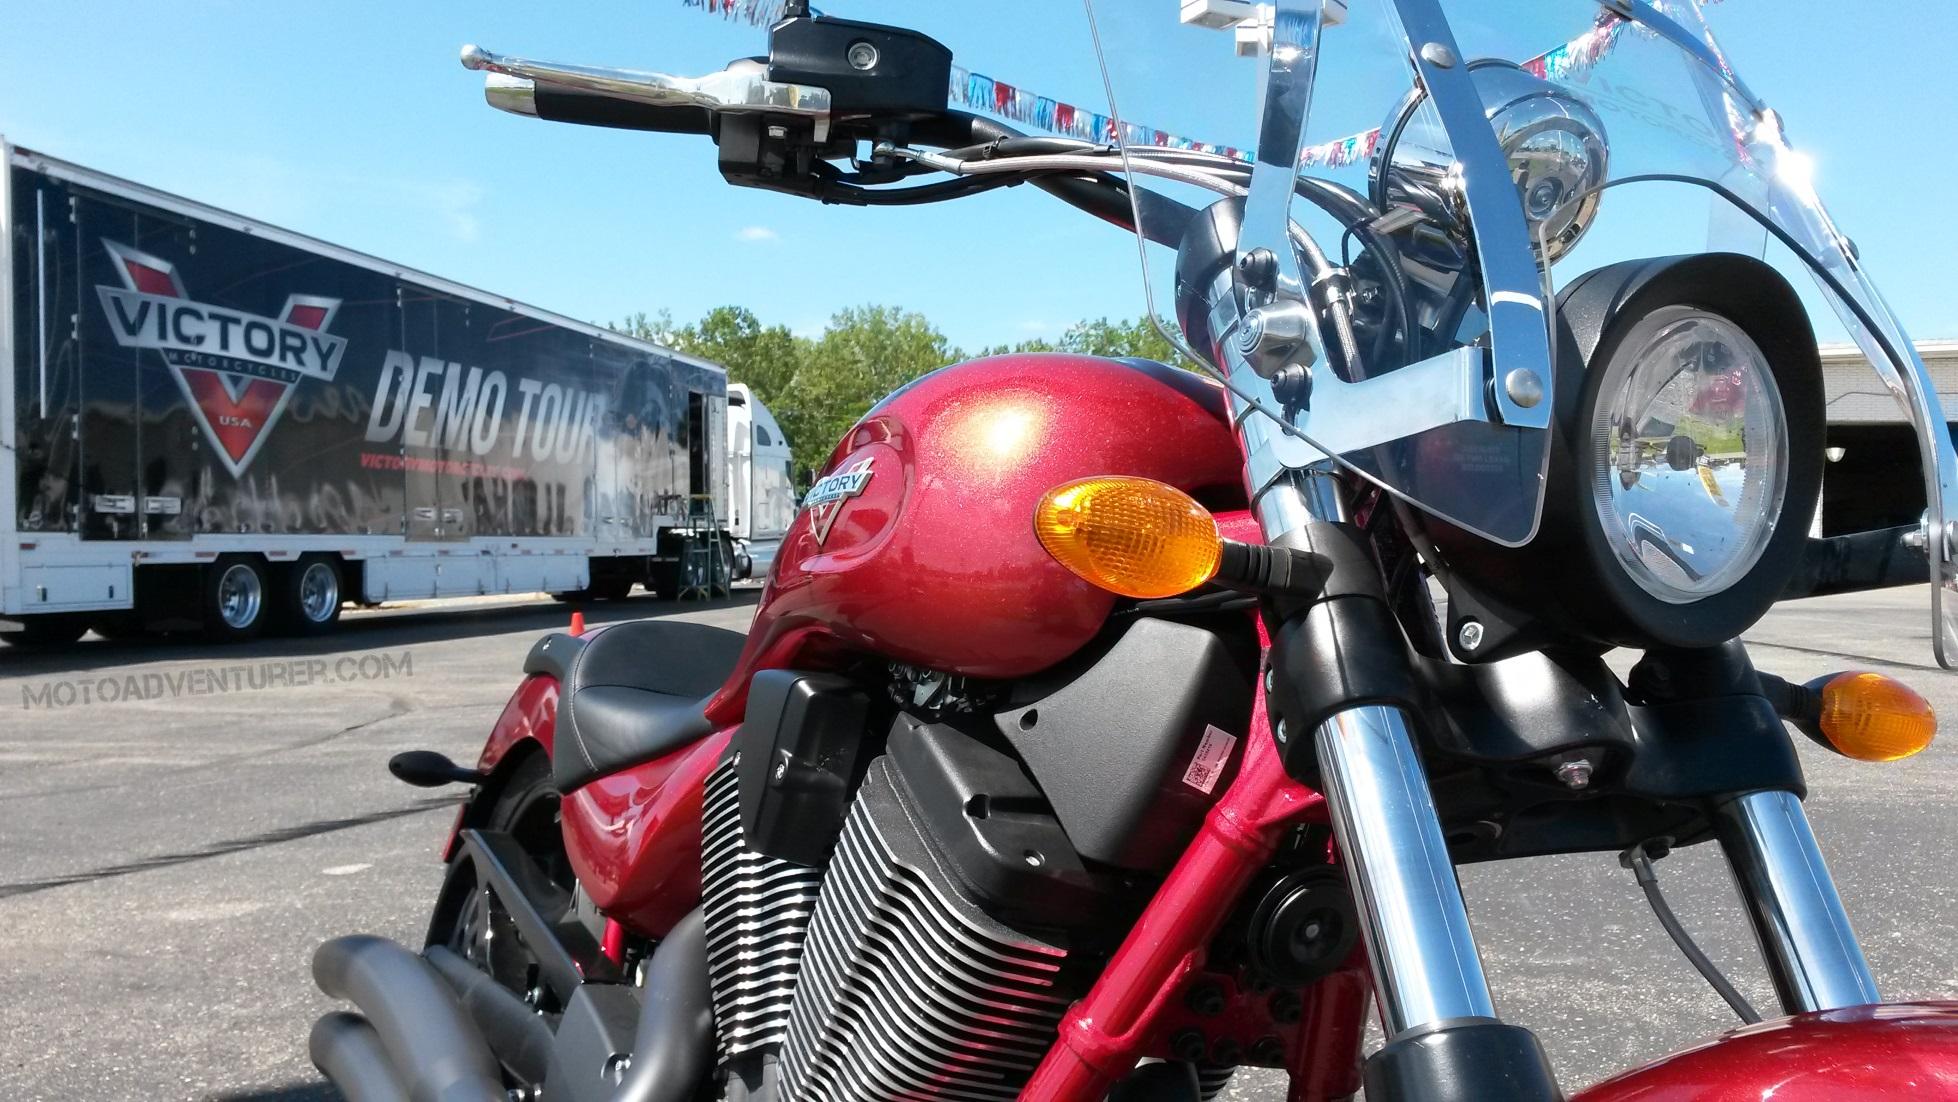 2015 victory vegas first impressions moto adventurer. Black Bedroom Furniture Sets. Home Design Ideas